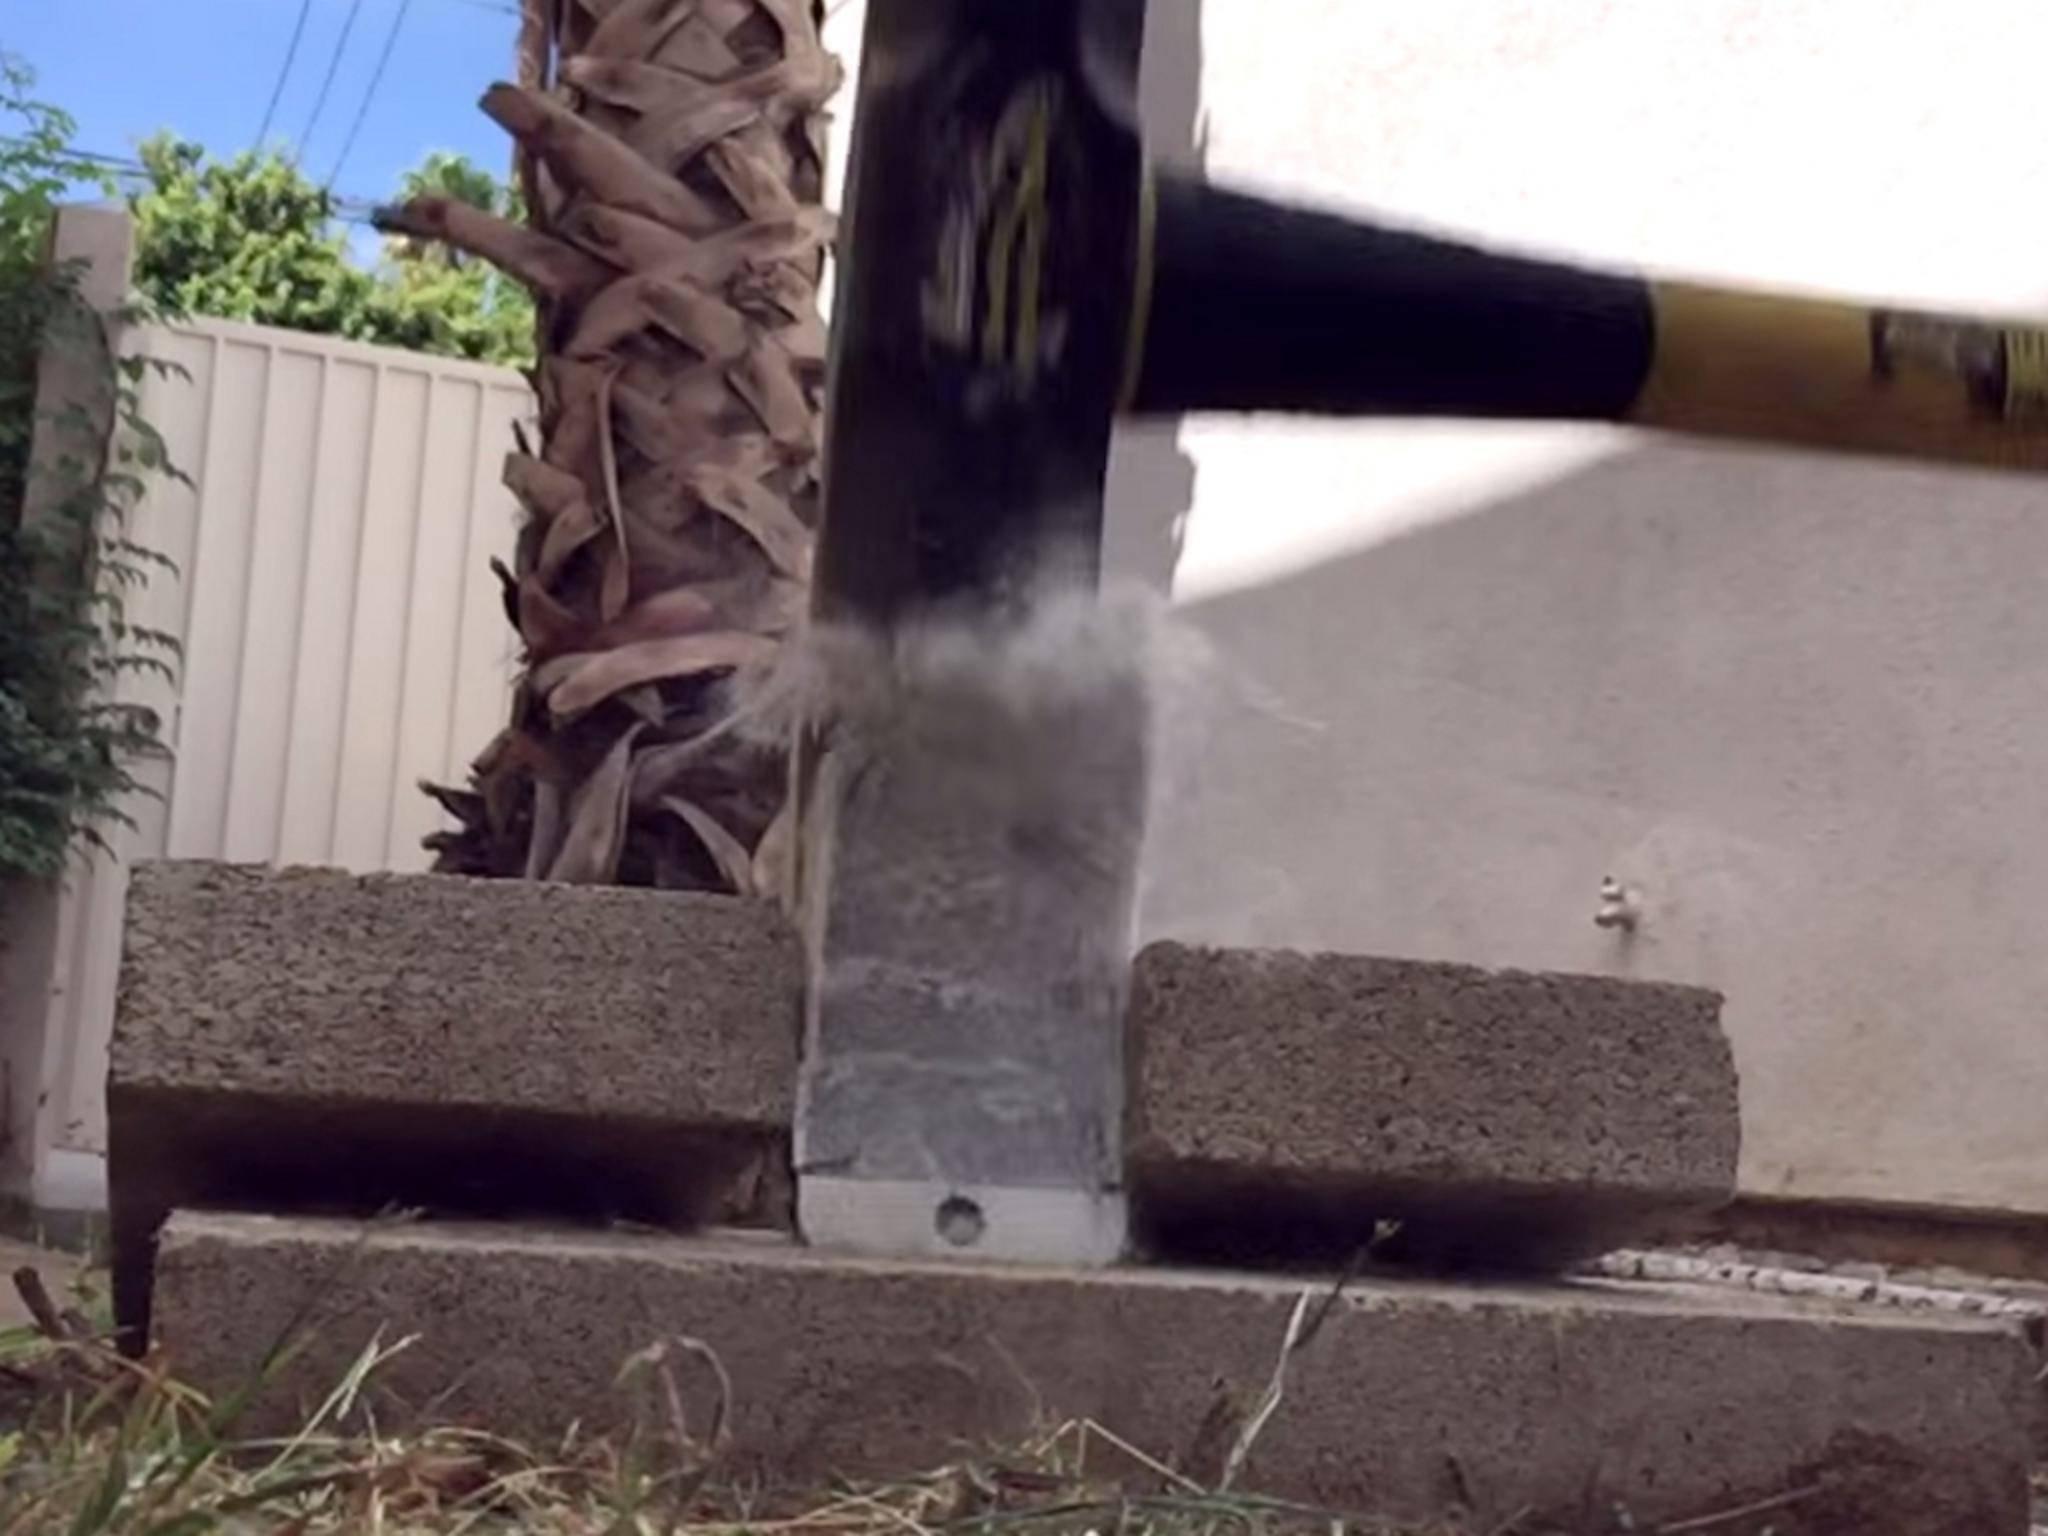 Einem Hammer hat das gefrorene iPhone 6 Plus wenig entgegenzusetzen.